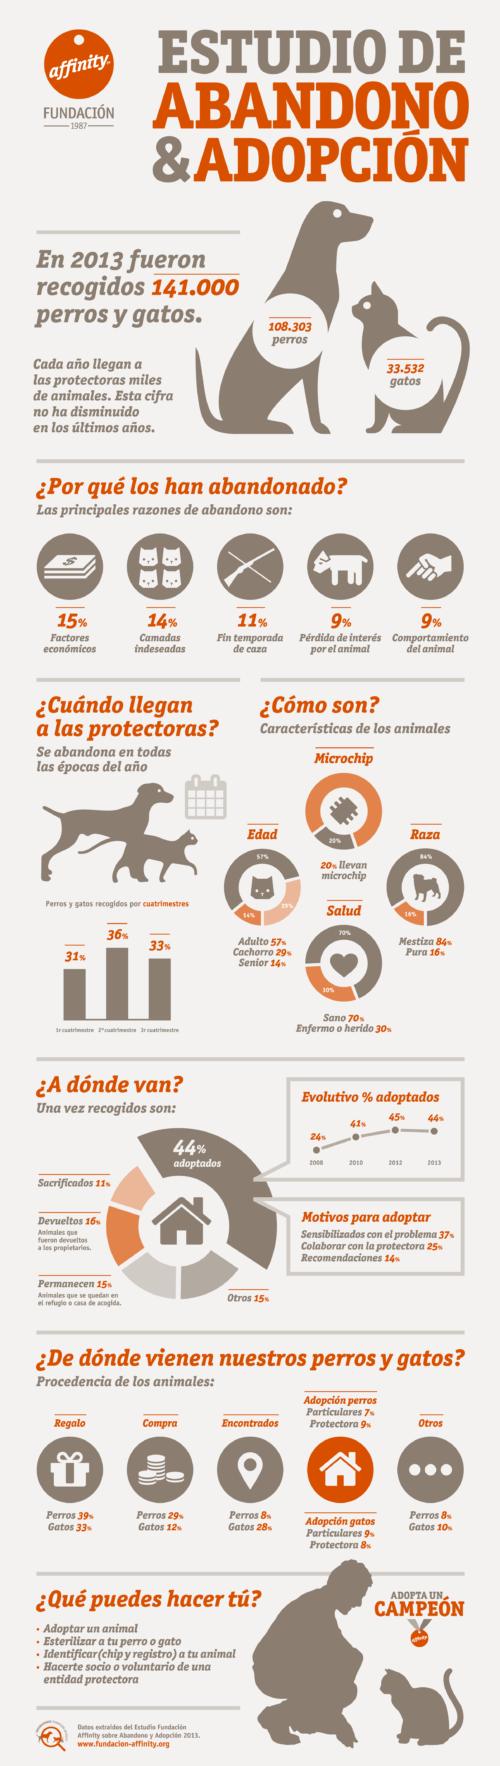 infografia día del perro abandonado (2)